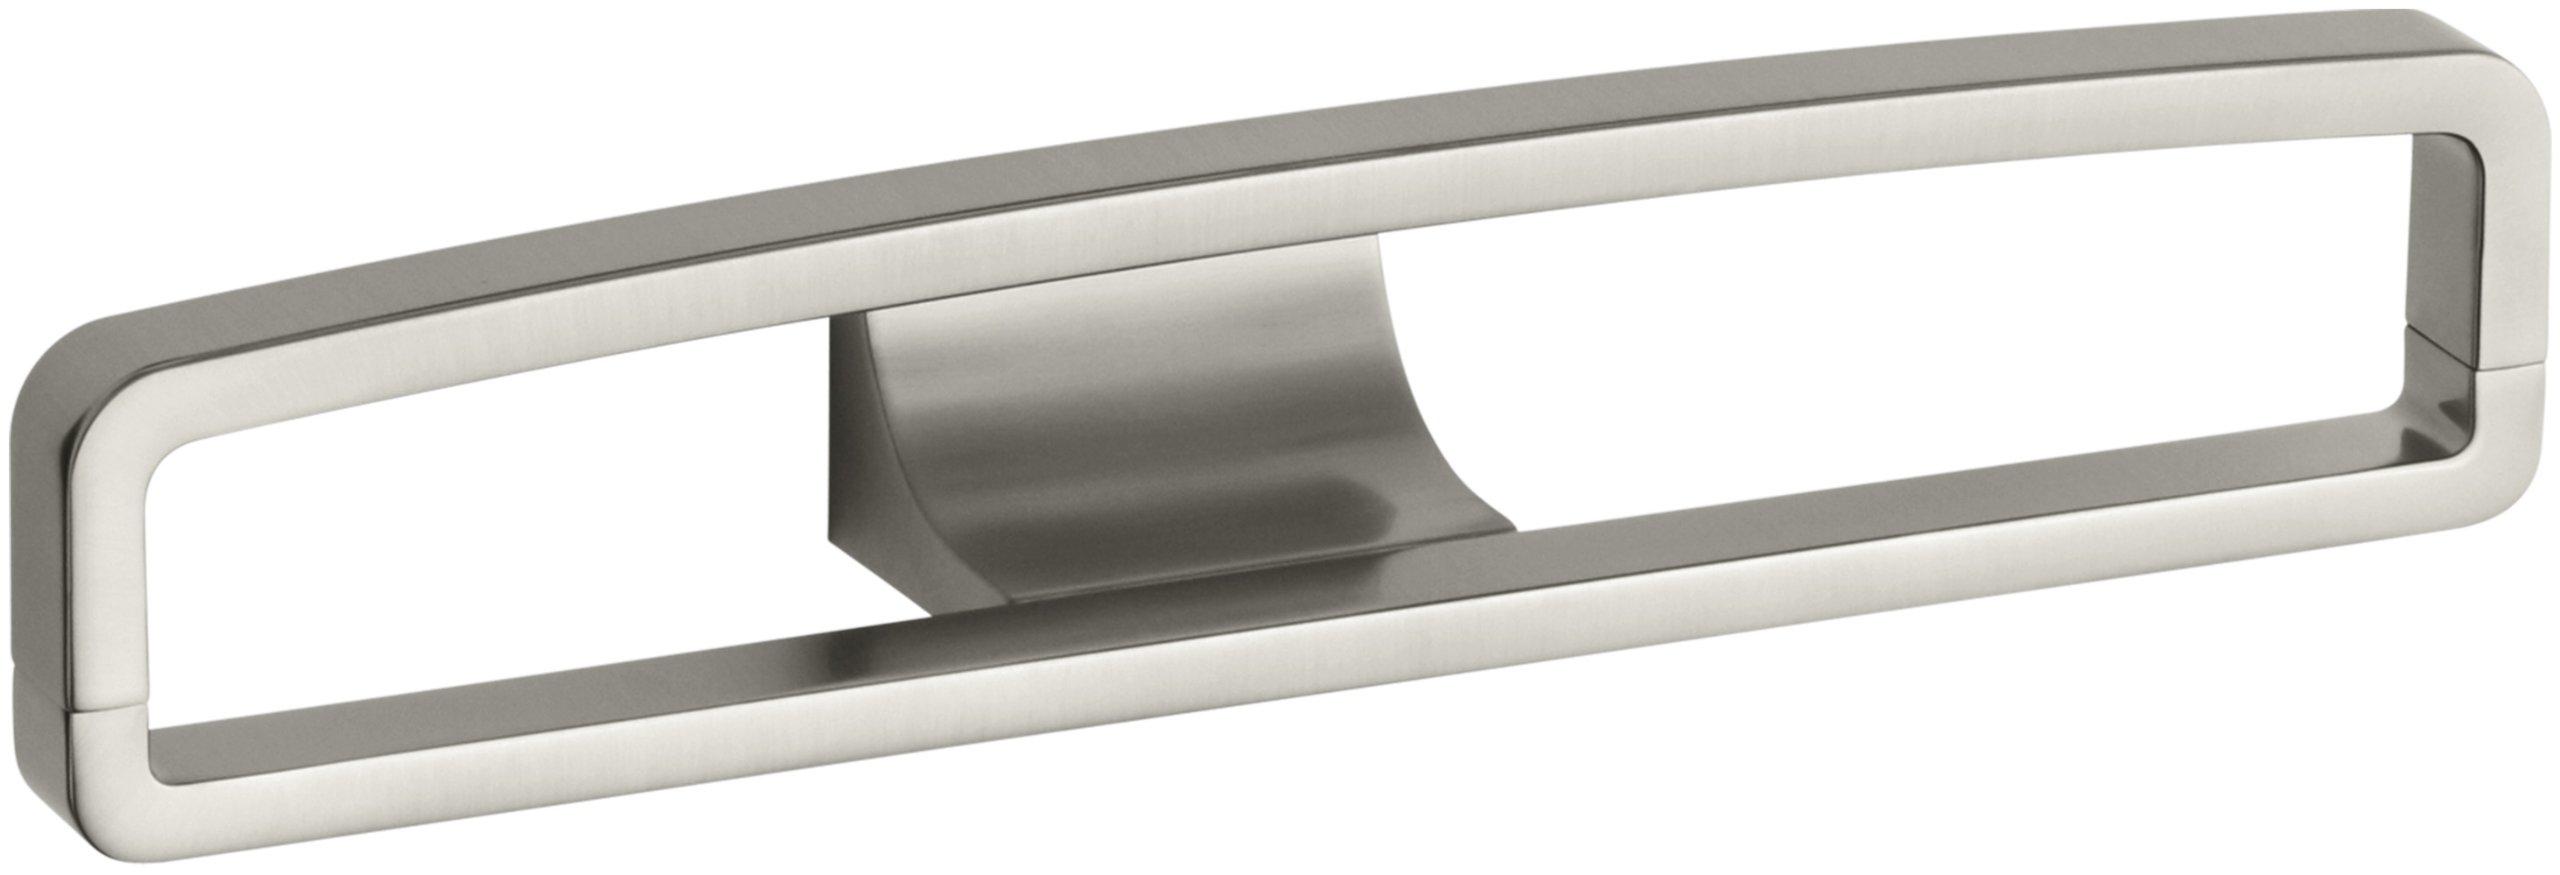 Kohler K-11585-BN Loure Robe Hook, Vibrant Brushed Nickel